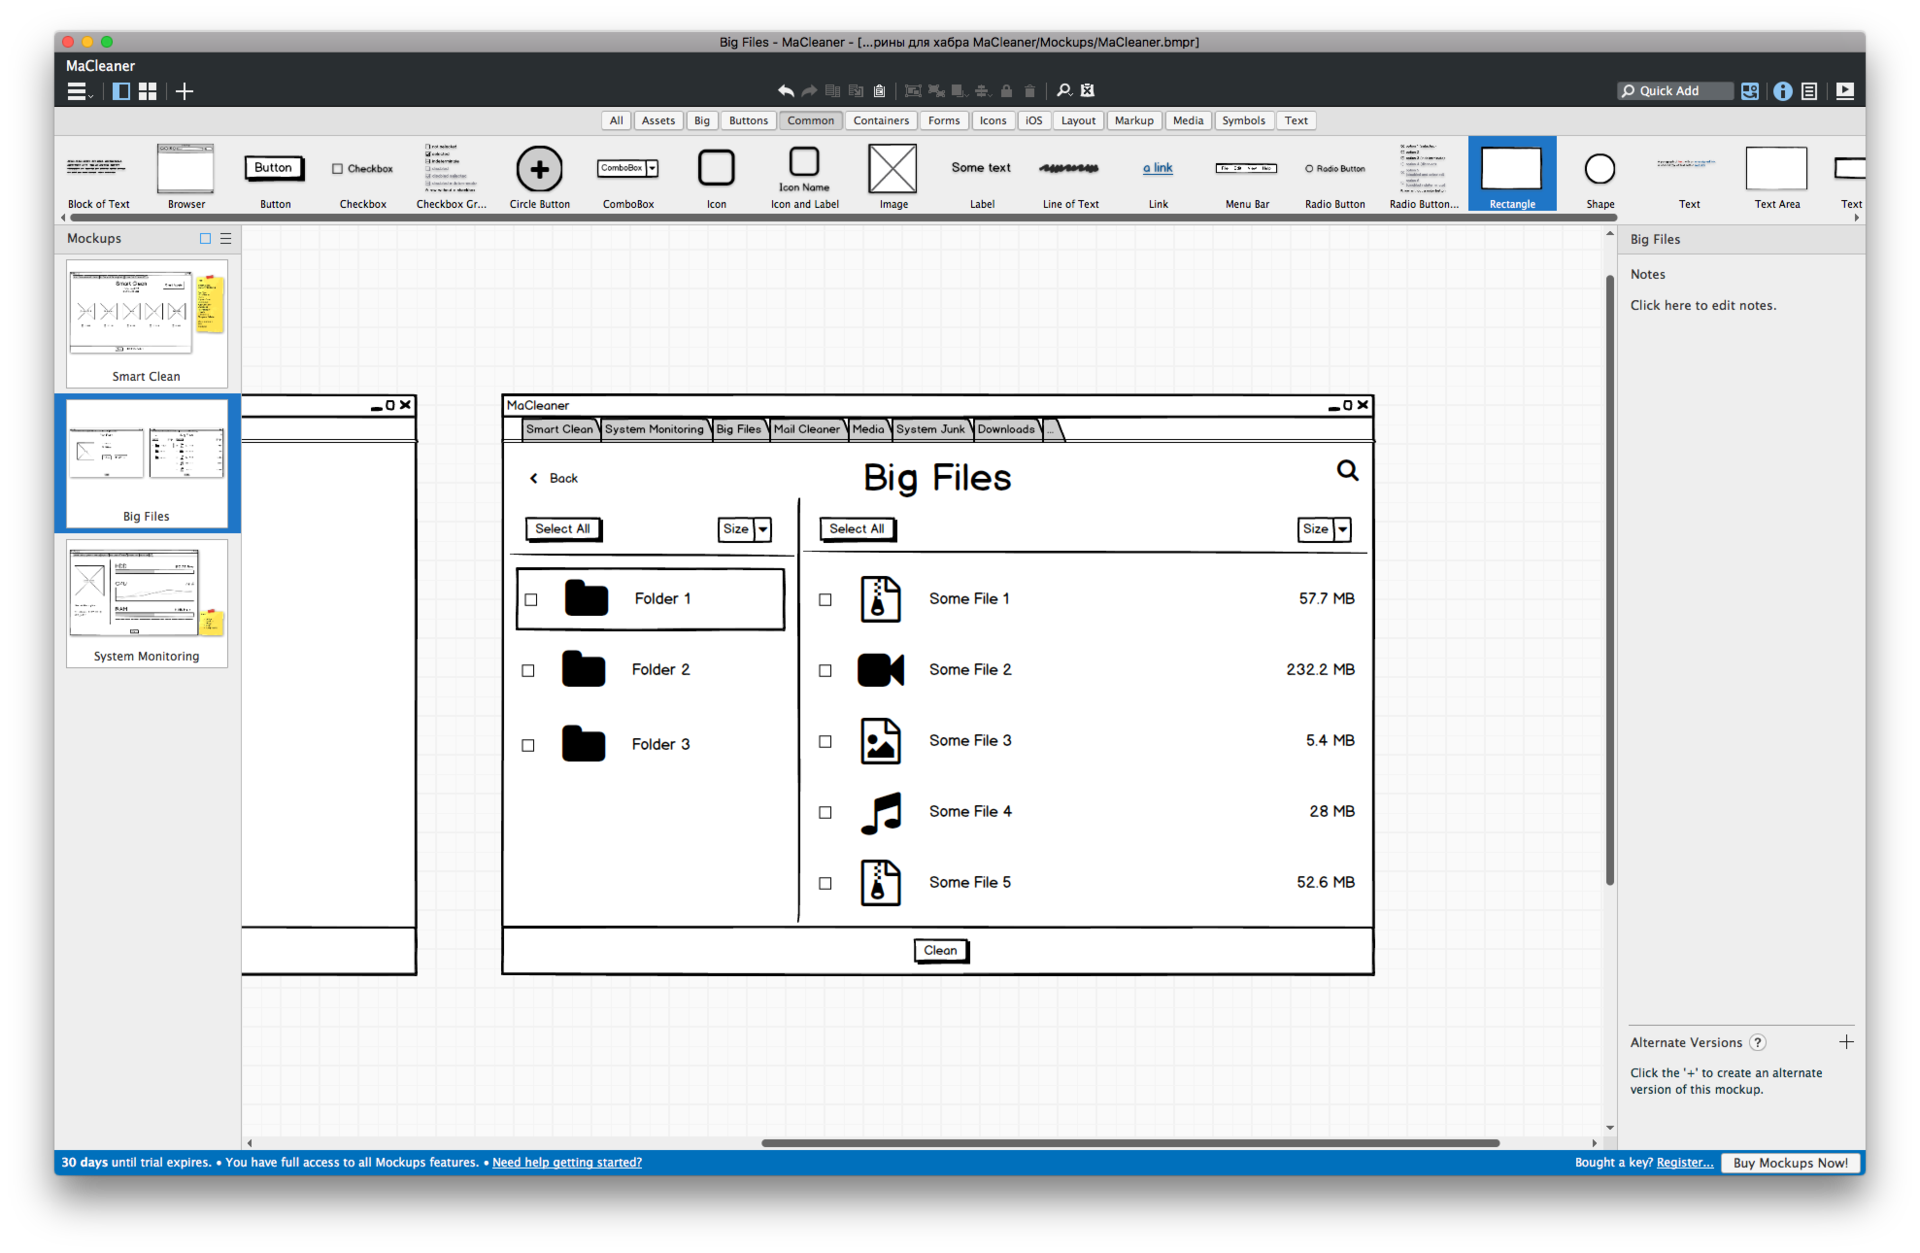 Инструменты для прототипирования на Mac: сопоставительная характеристика - 17